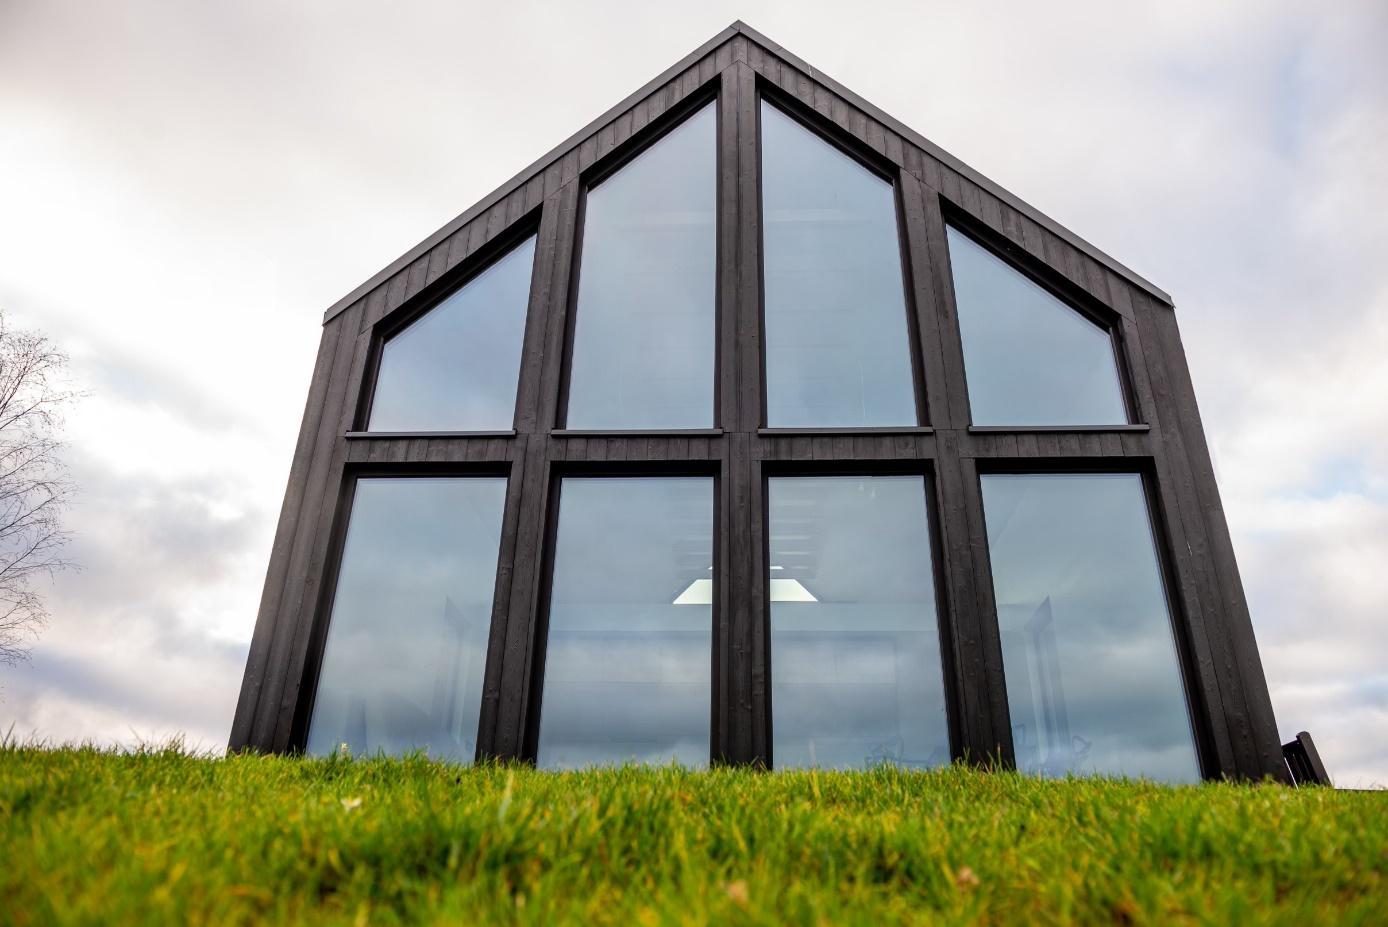 Obraz zawierający niebo, trawa, zewnętrzne, budynek  Opis wygenerowany automatycznie